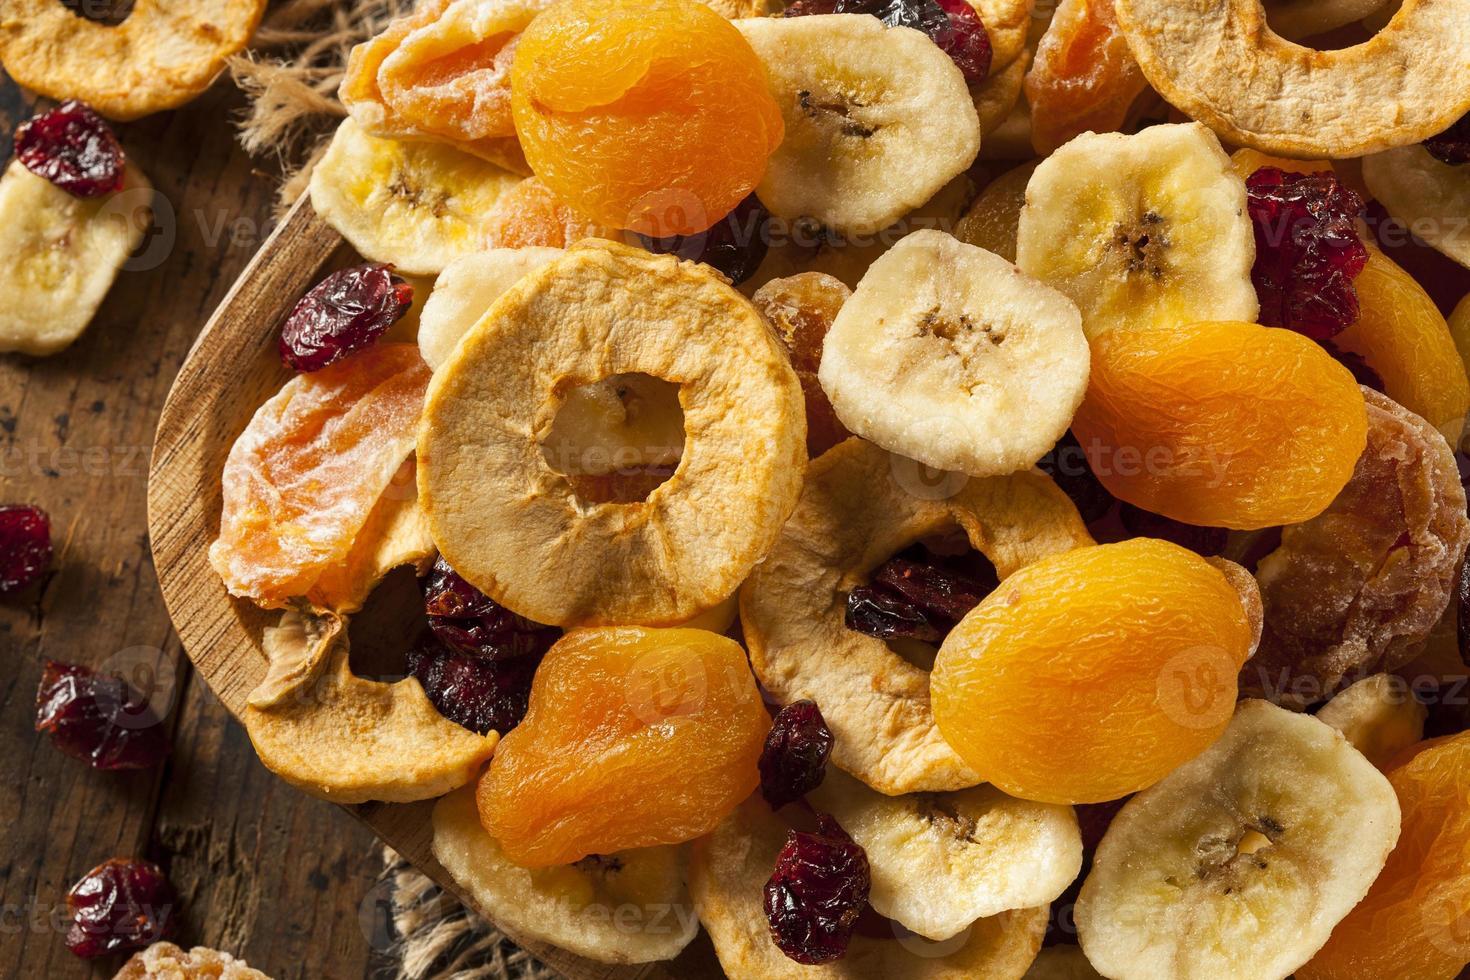 frutas secas orgânicas saudáveis sortidas foto